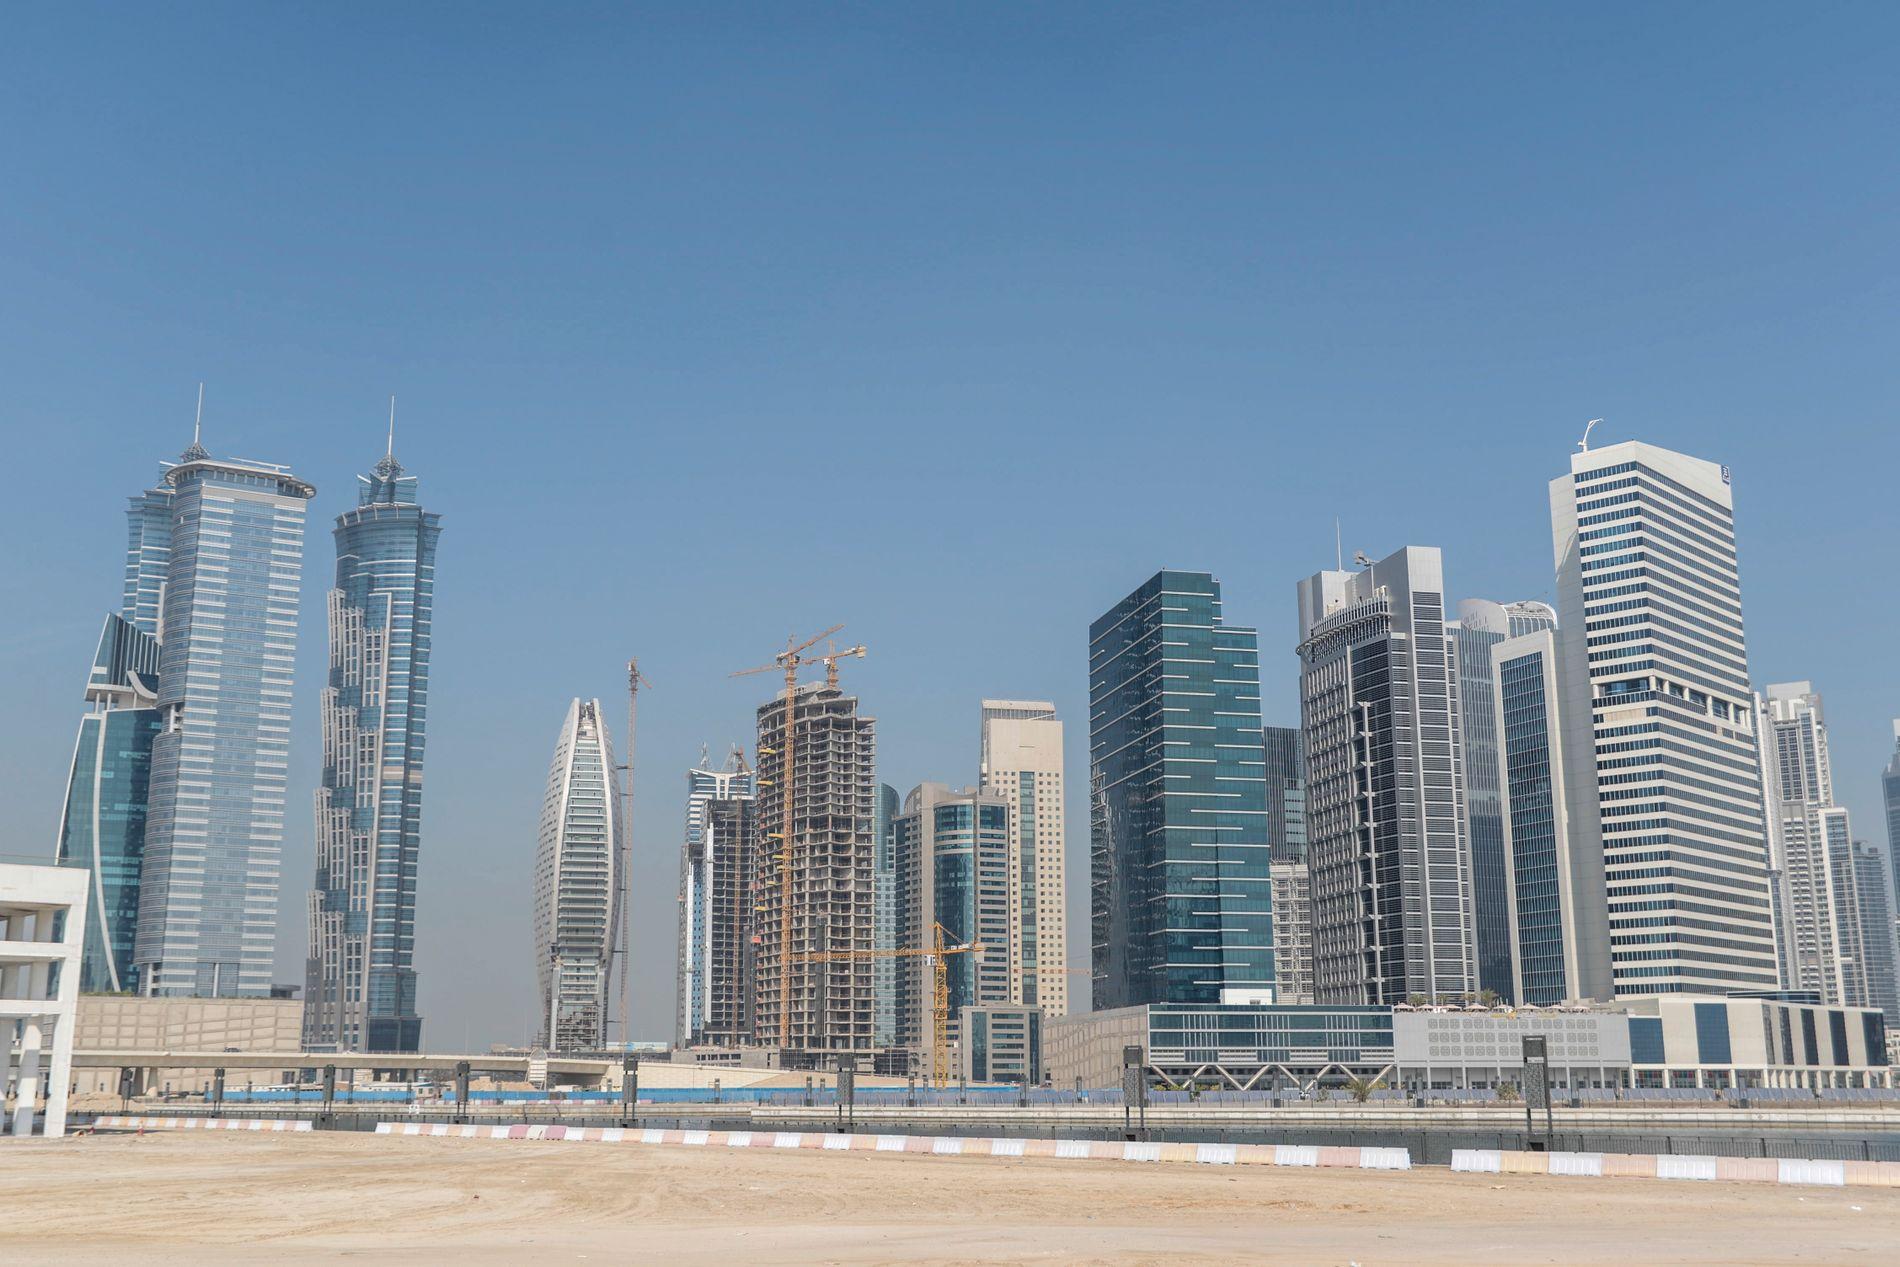 DUBAI: Seks norske influensere ble invitert ned til Dubai for å promotere reisemålet.